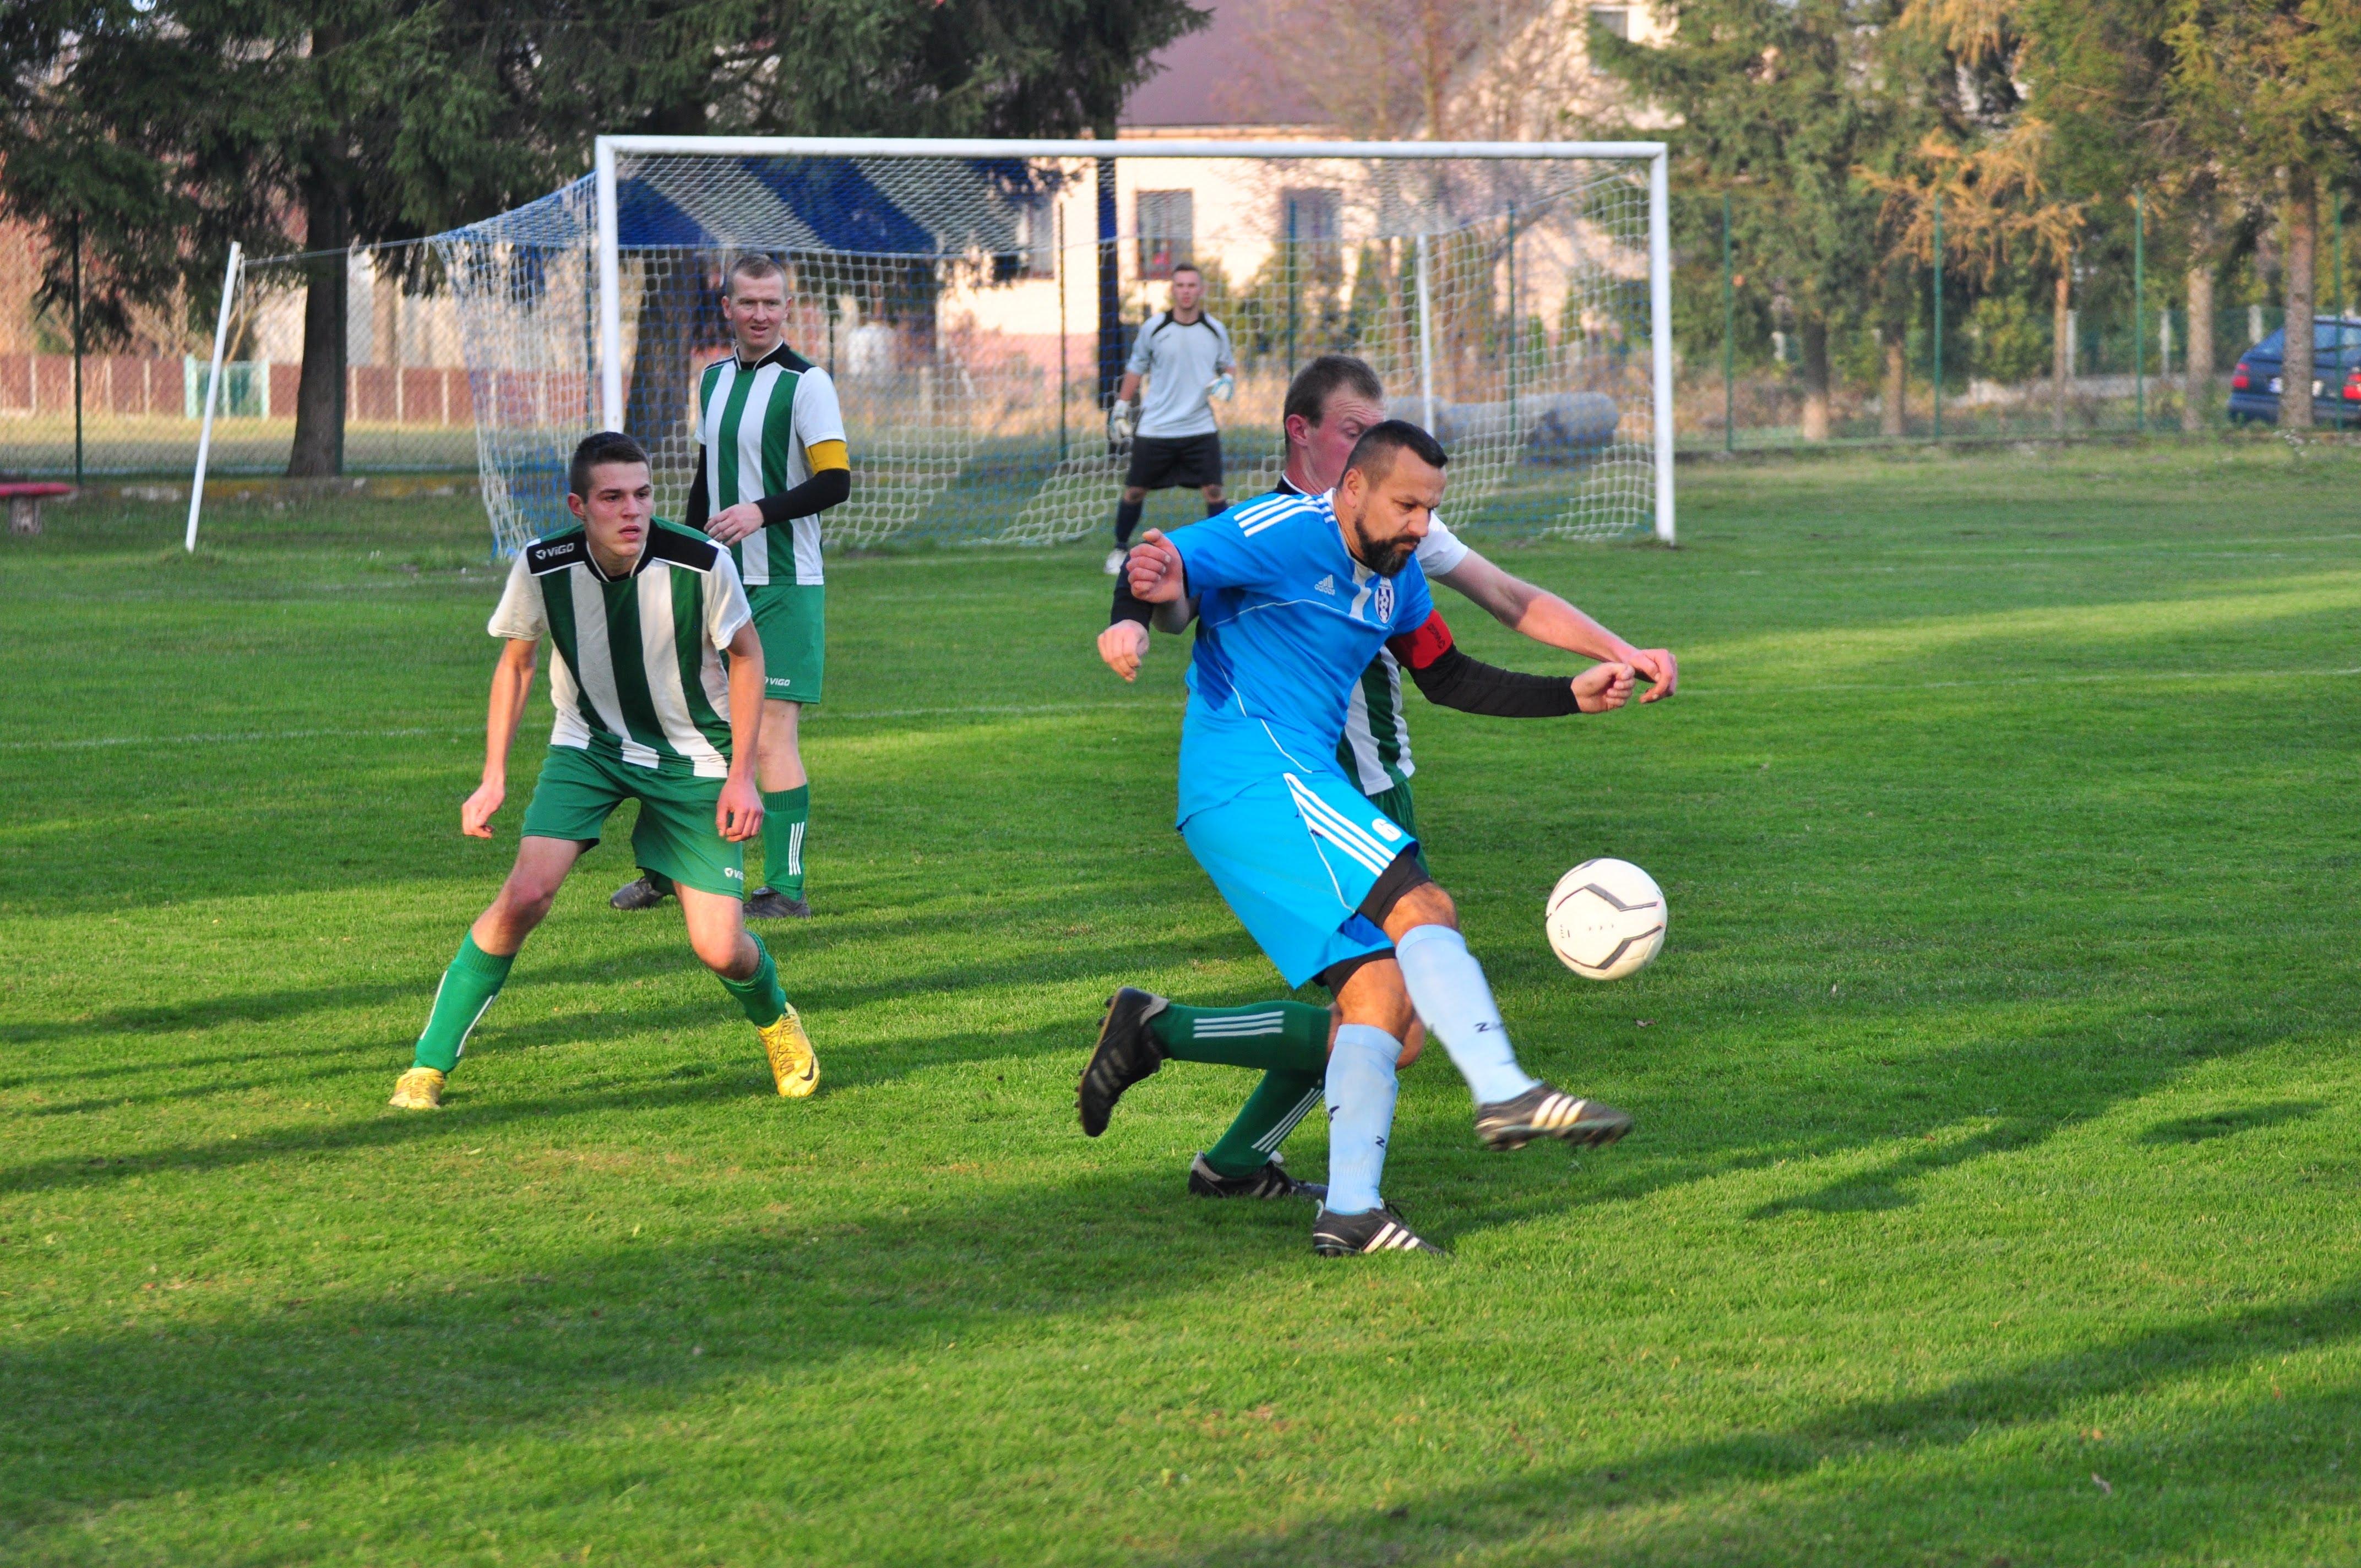 Zawodnicy Tempa Cmolas przegrali wyjazdowy mecz z Dromaderem Chrzastów aż 1:12. Ważne punkty straciła Trześń - Zdjęcie główne